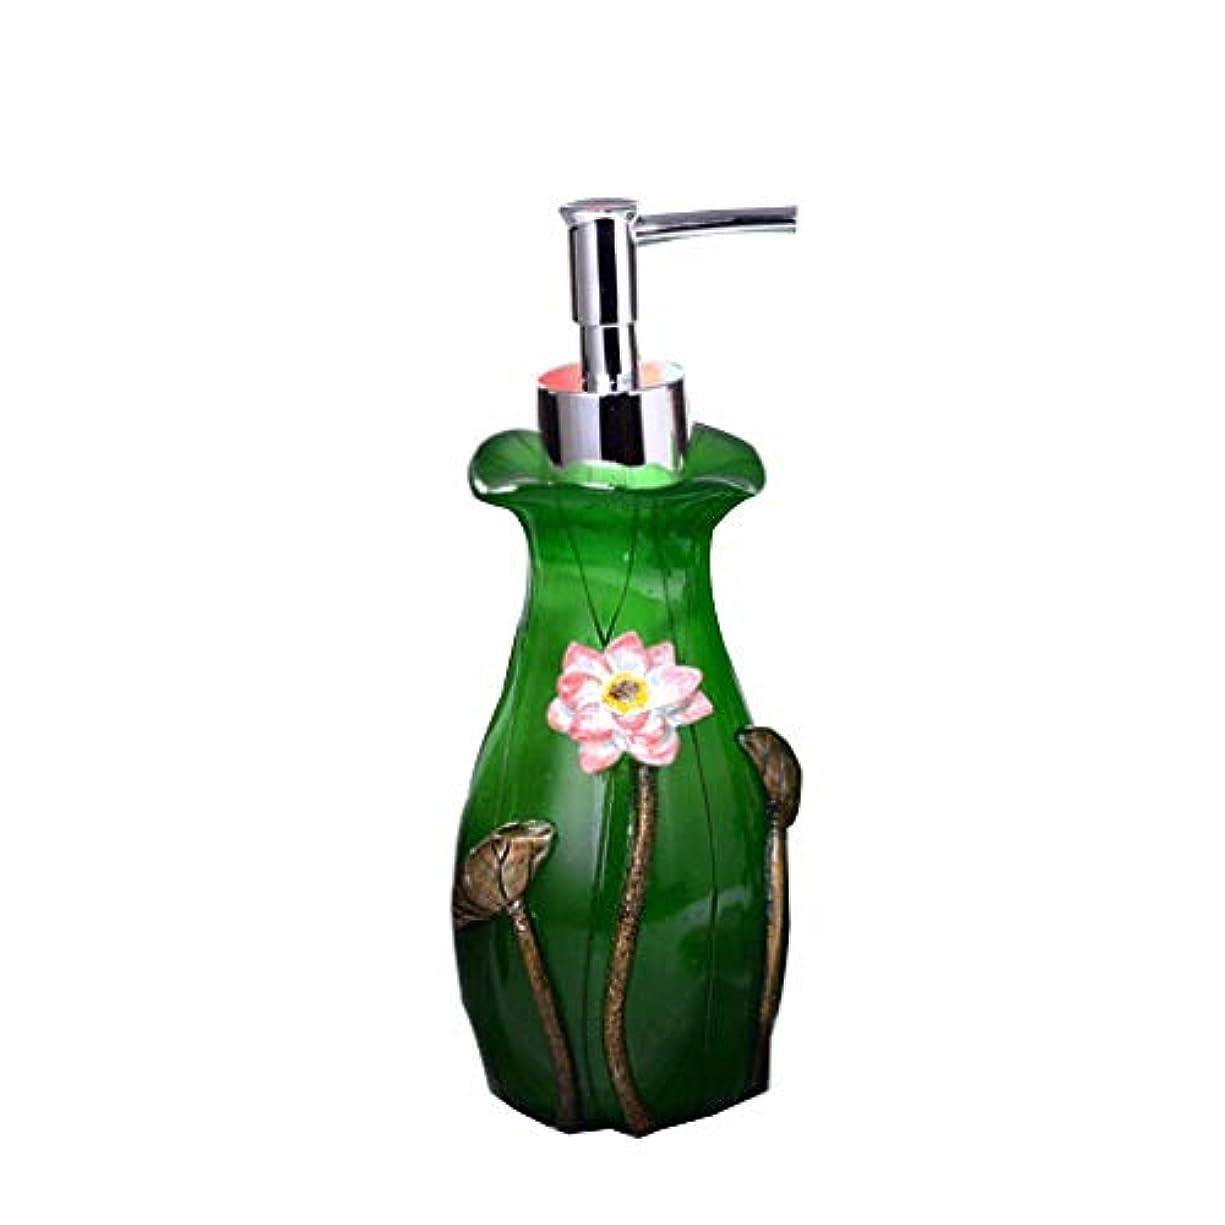 野生可愛い反響するせっけん ソープディスペンサープレスボトルクリエイティブワンハンドサニタイザーボトル空のボトルプレスボトルサブボトルシャンプーフェイシャルクレンザーシャワージェルボトル260ml B